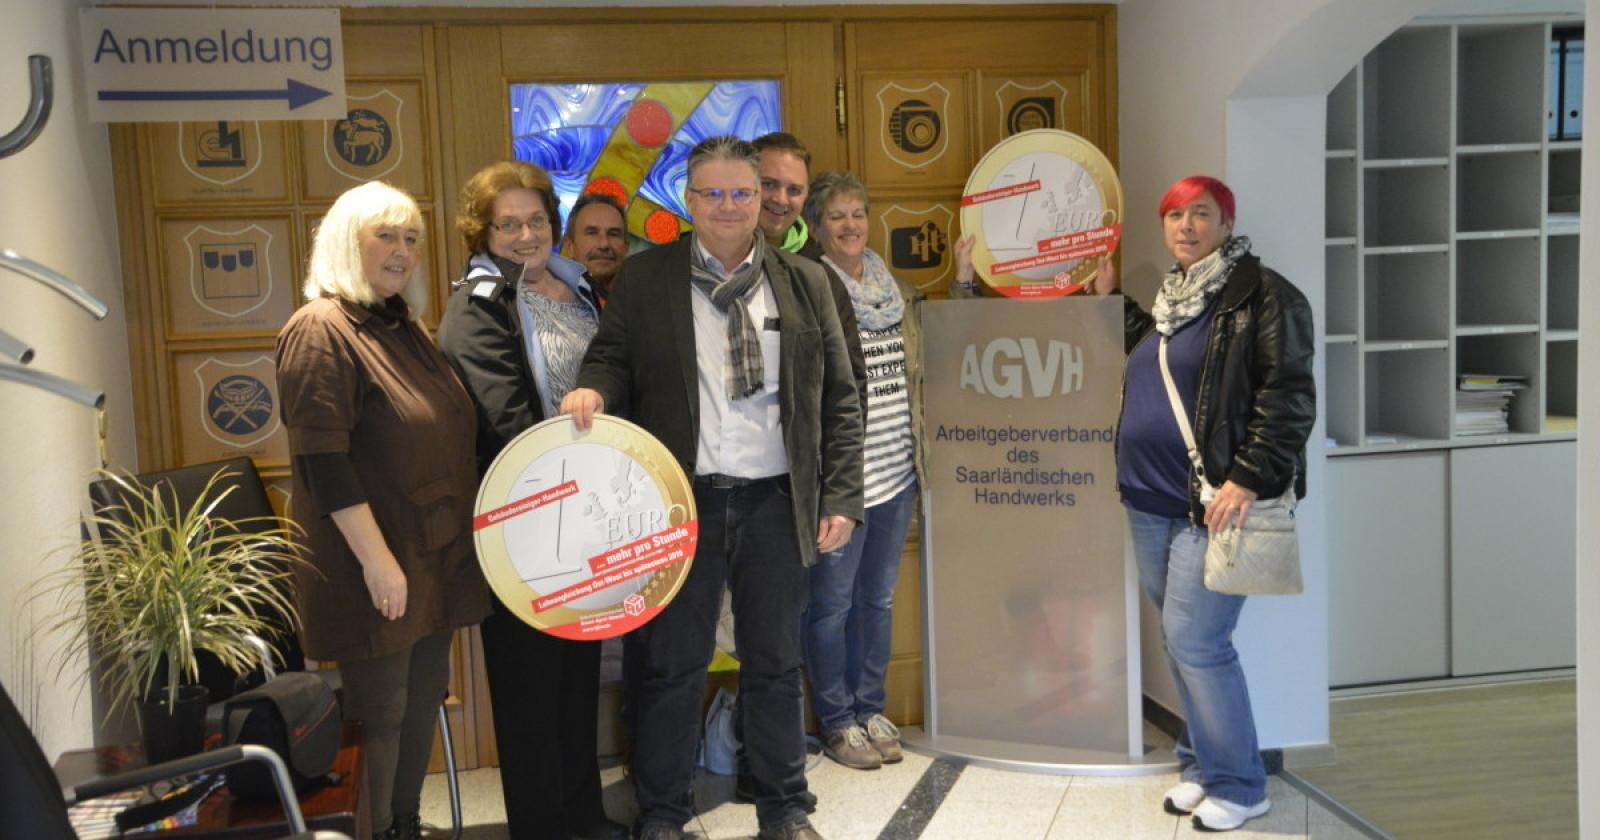 Saarländische Betriebsräte beim Arbeitgeberverband Handwerk